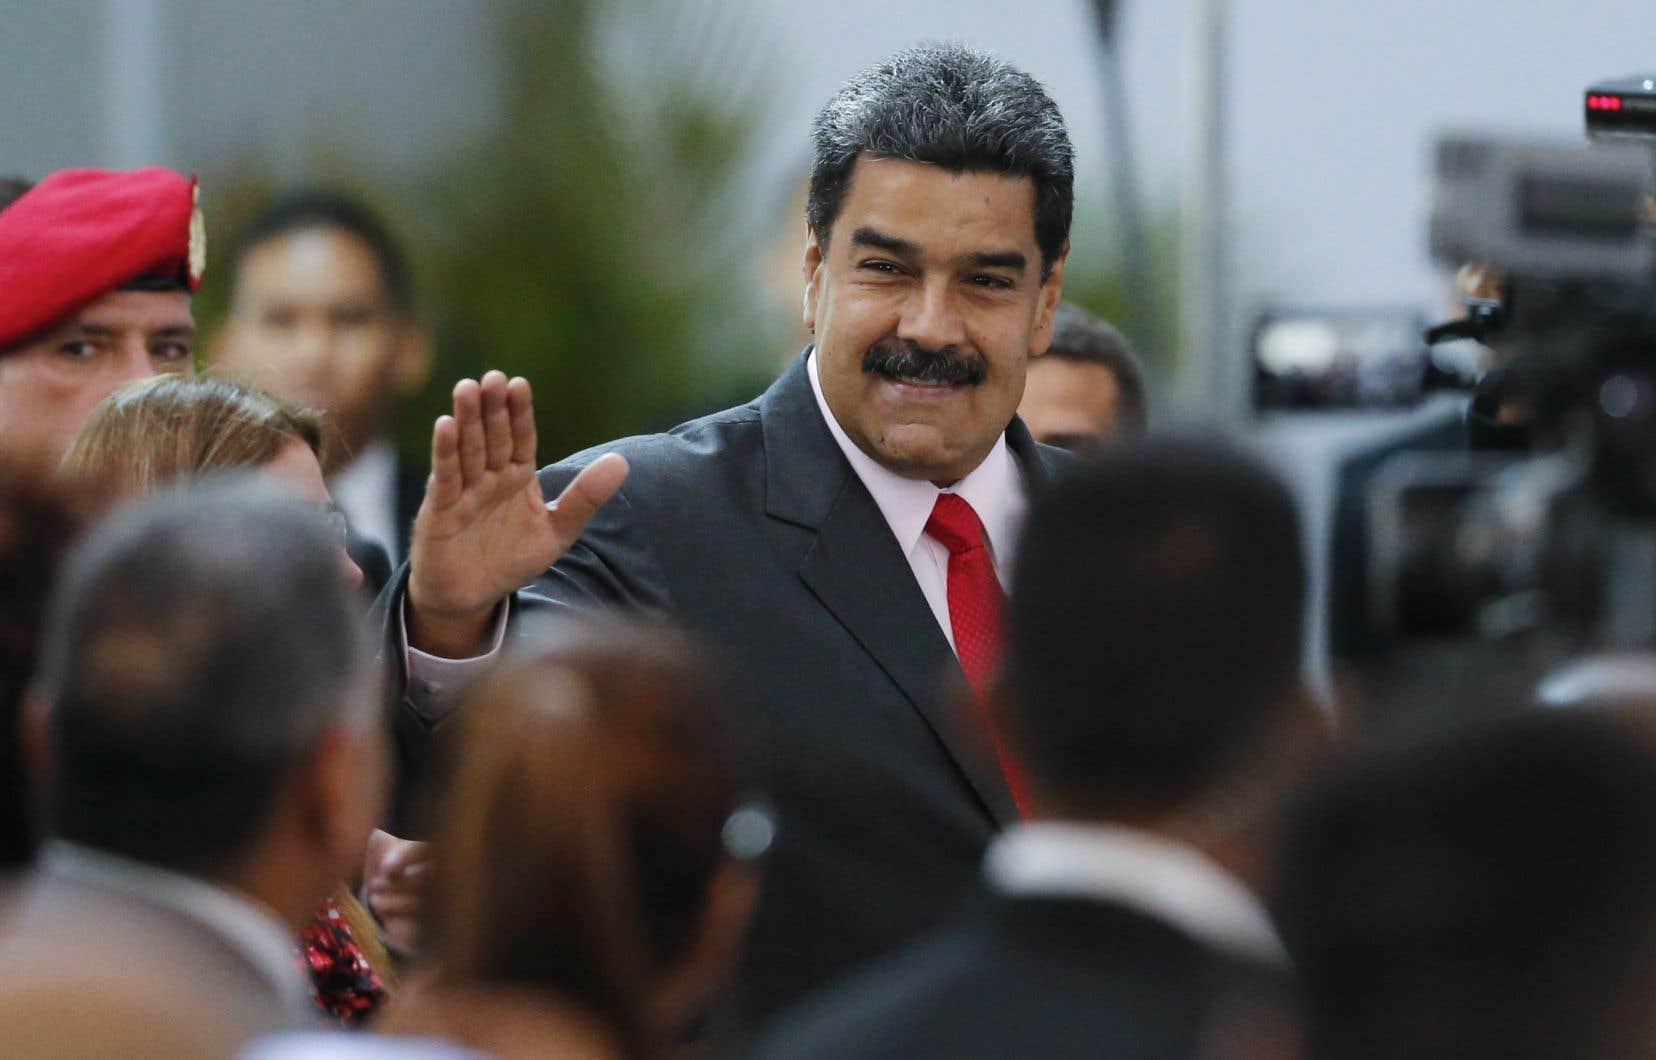 Lors d'un scrutin critiqué par la communauté internationale, le président vénézuélien, Nicolás Maduro, a obtenu dimanche 68% des voix.